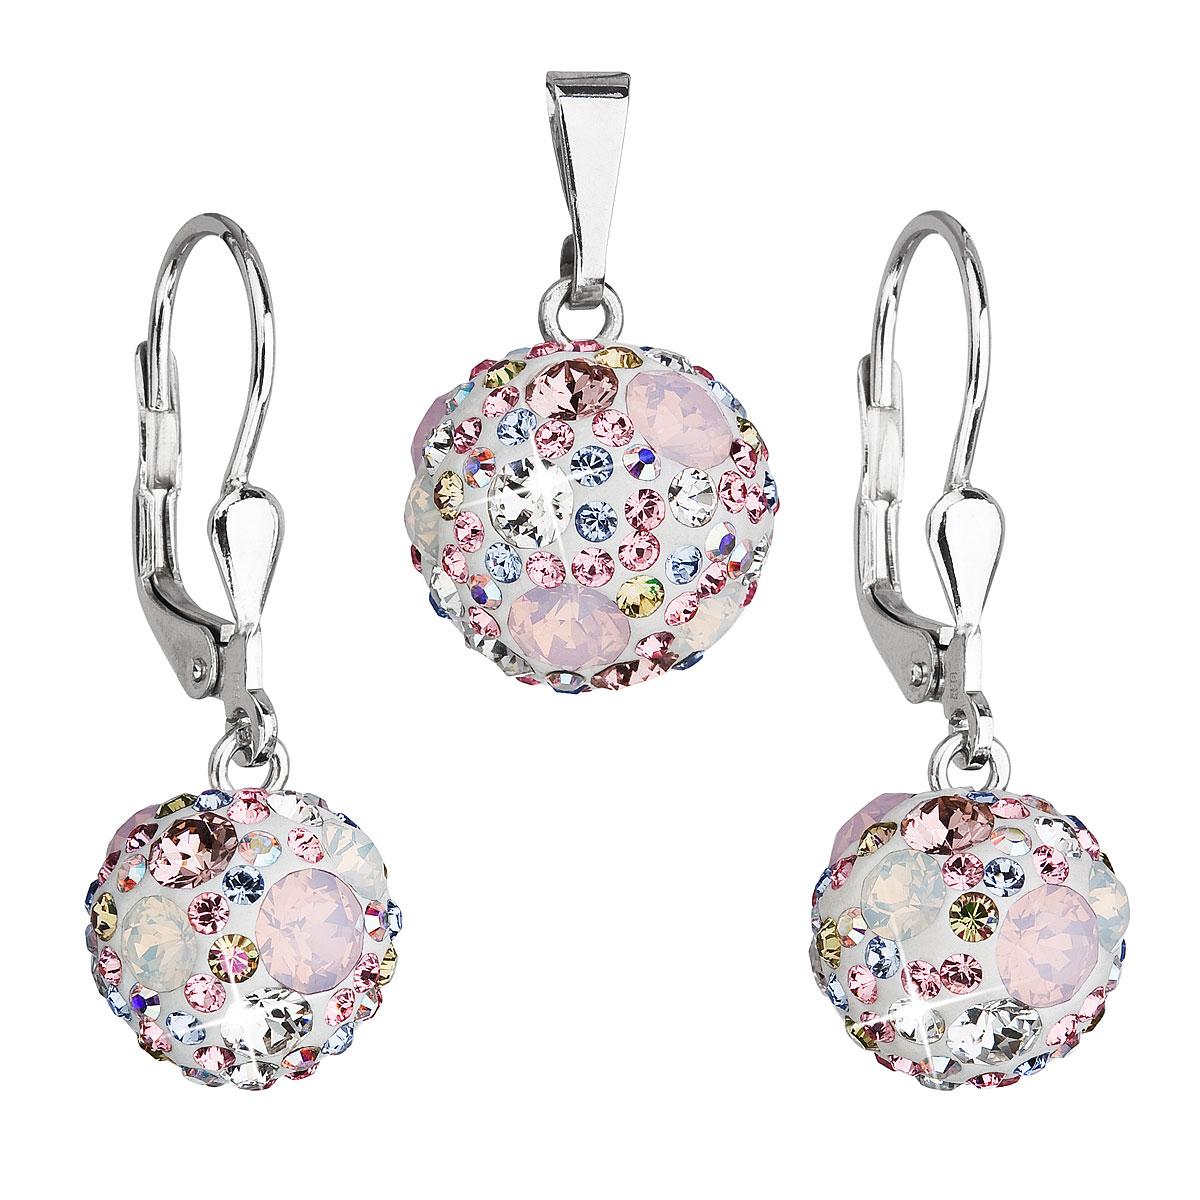 Sada šperkov s krištáľmi Swarovski náušnice a prívesok ružové okrúhle 39072.3